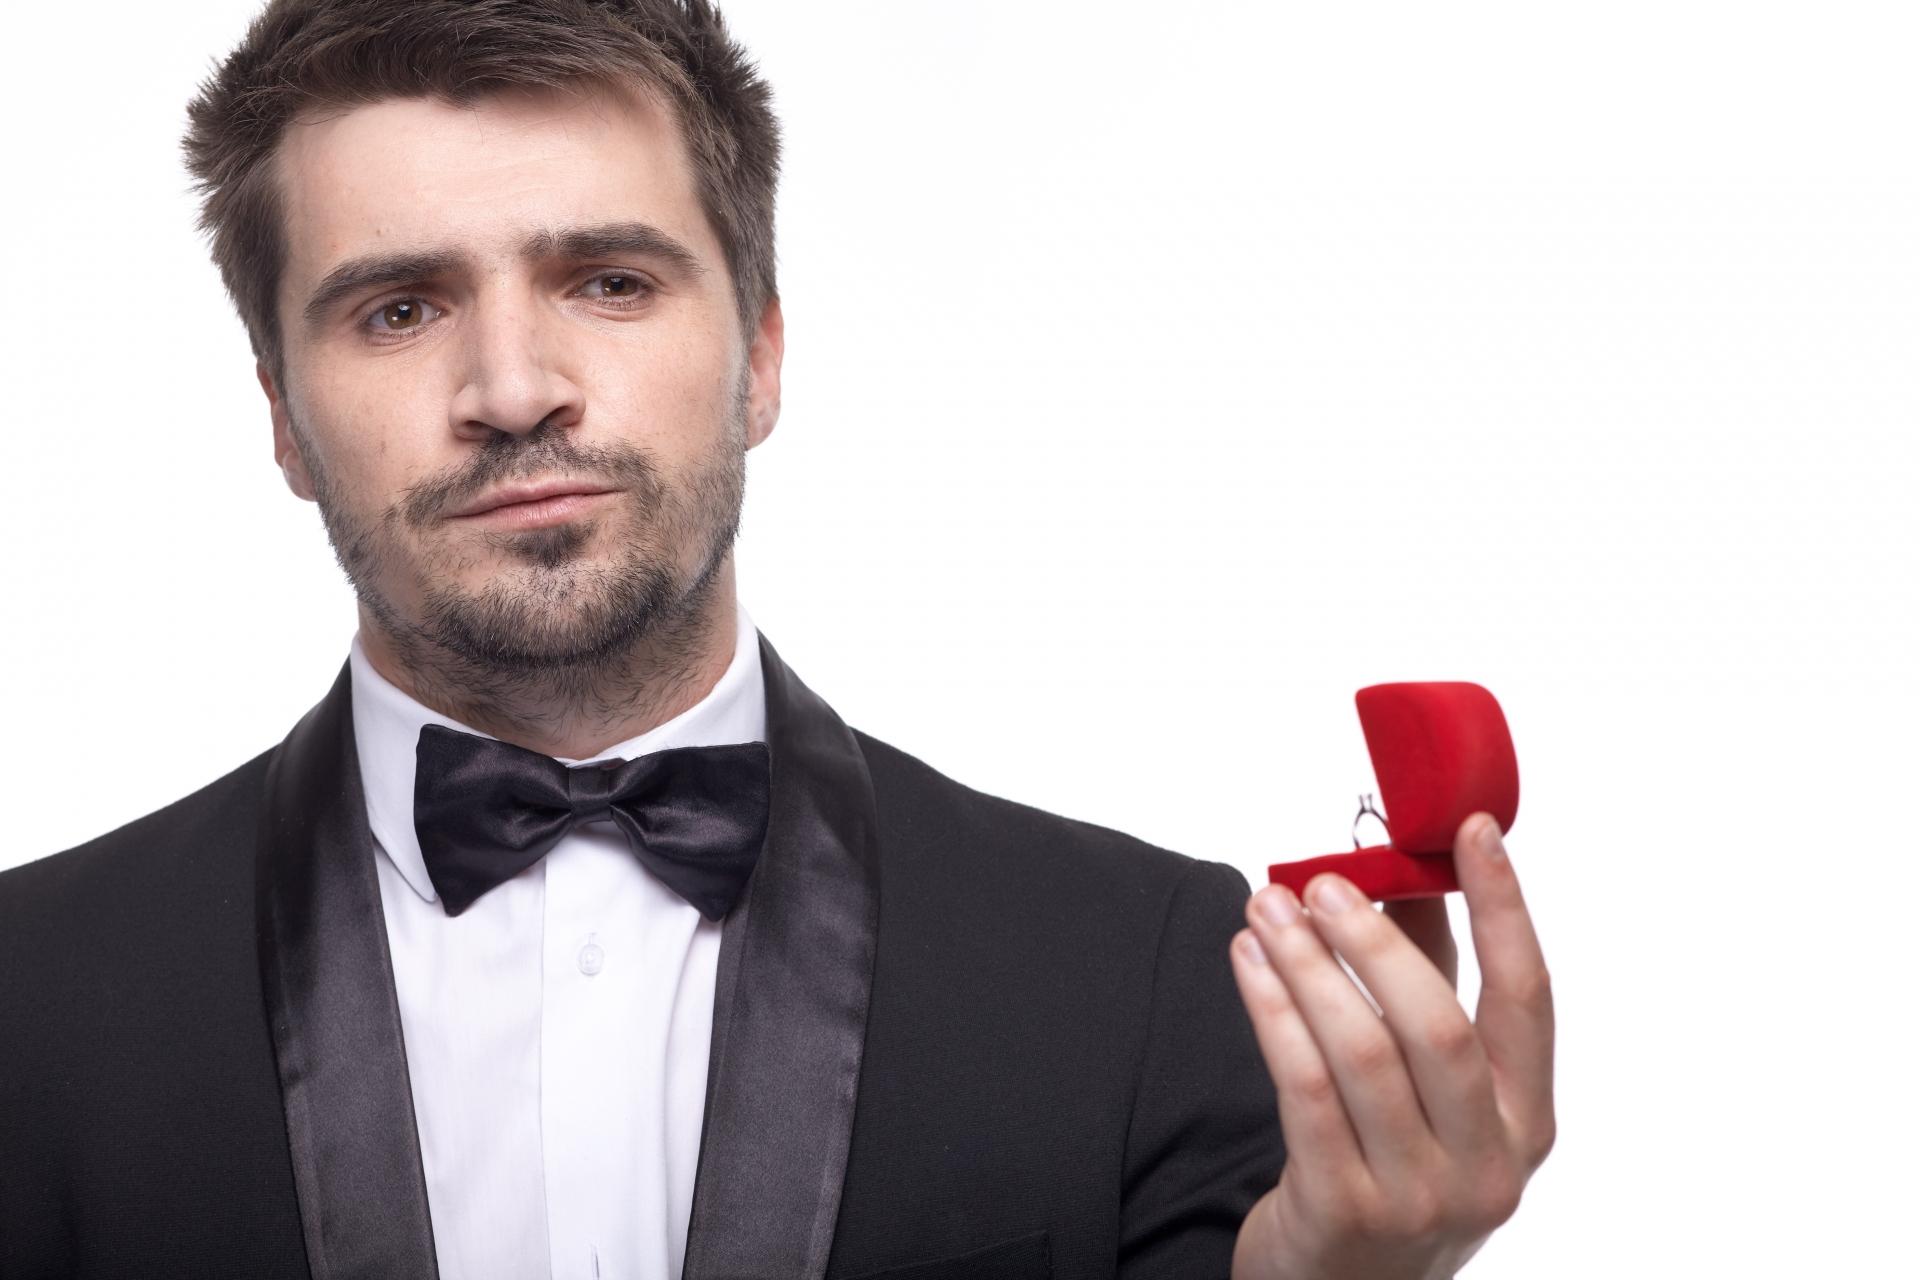 【結婚相談】結婚にむいていない!結婚むきではない男性の特徴3つ